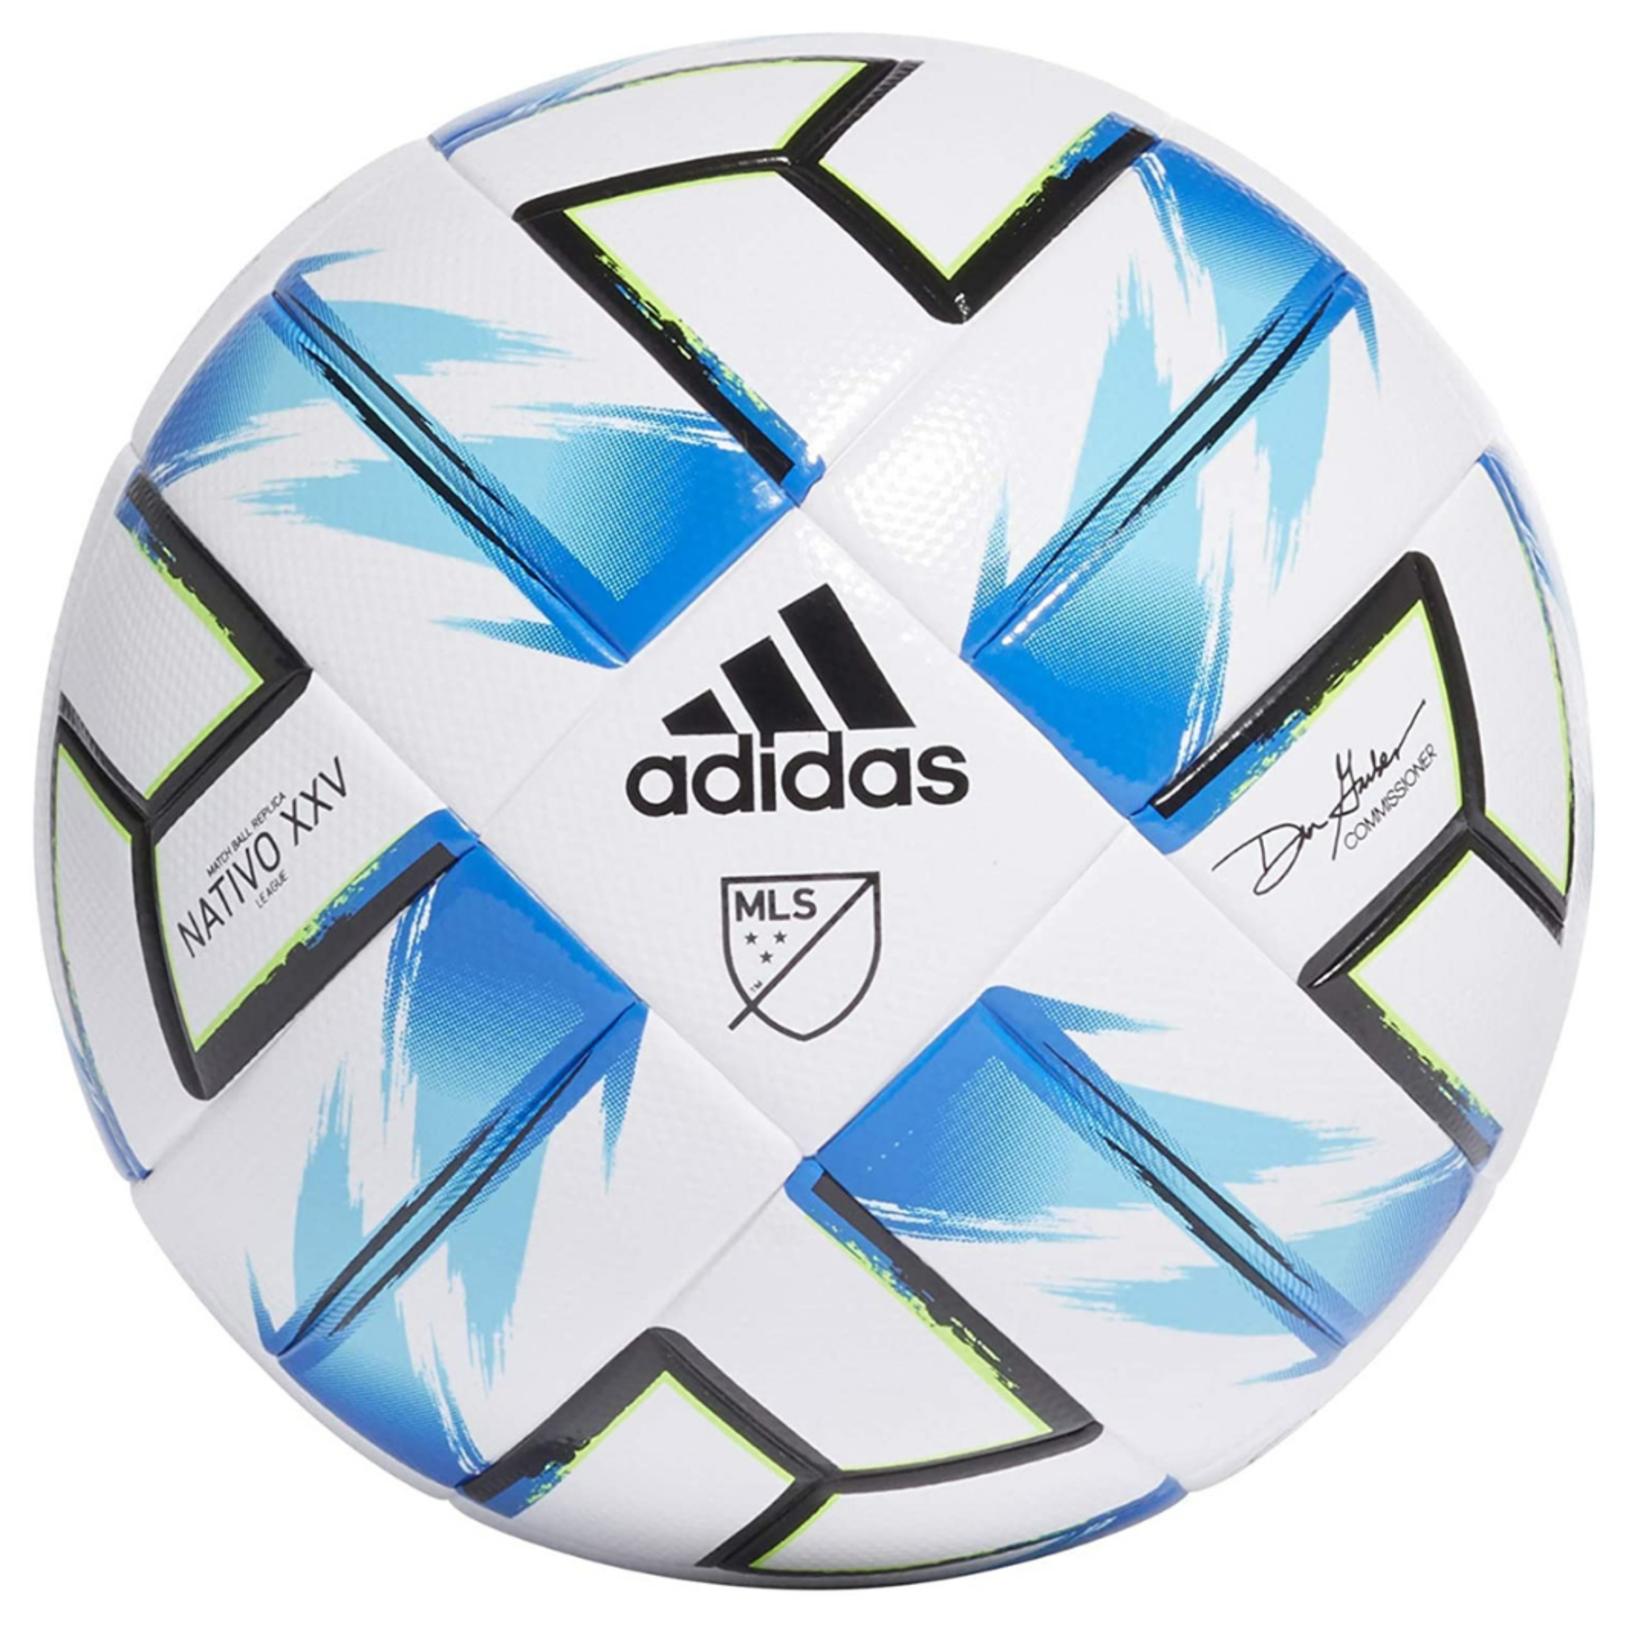 Adidas Adidas MLS League NFHS Soccer Ball